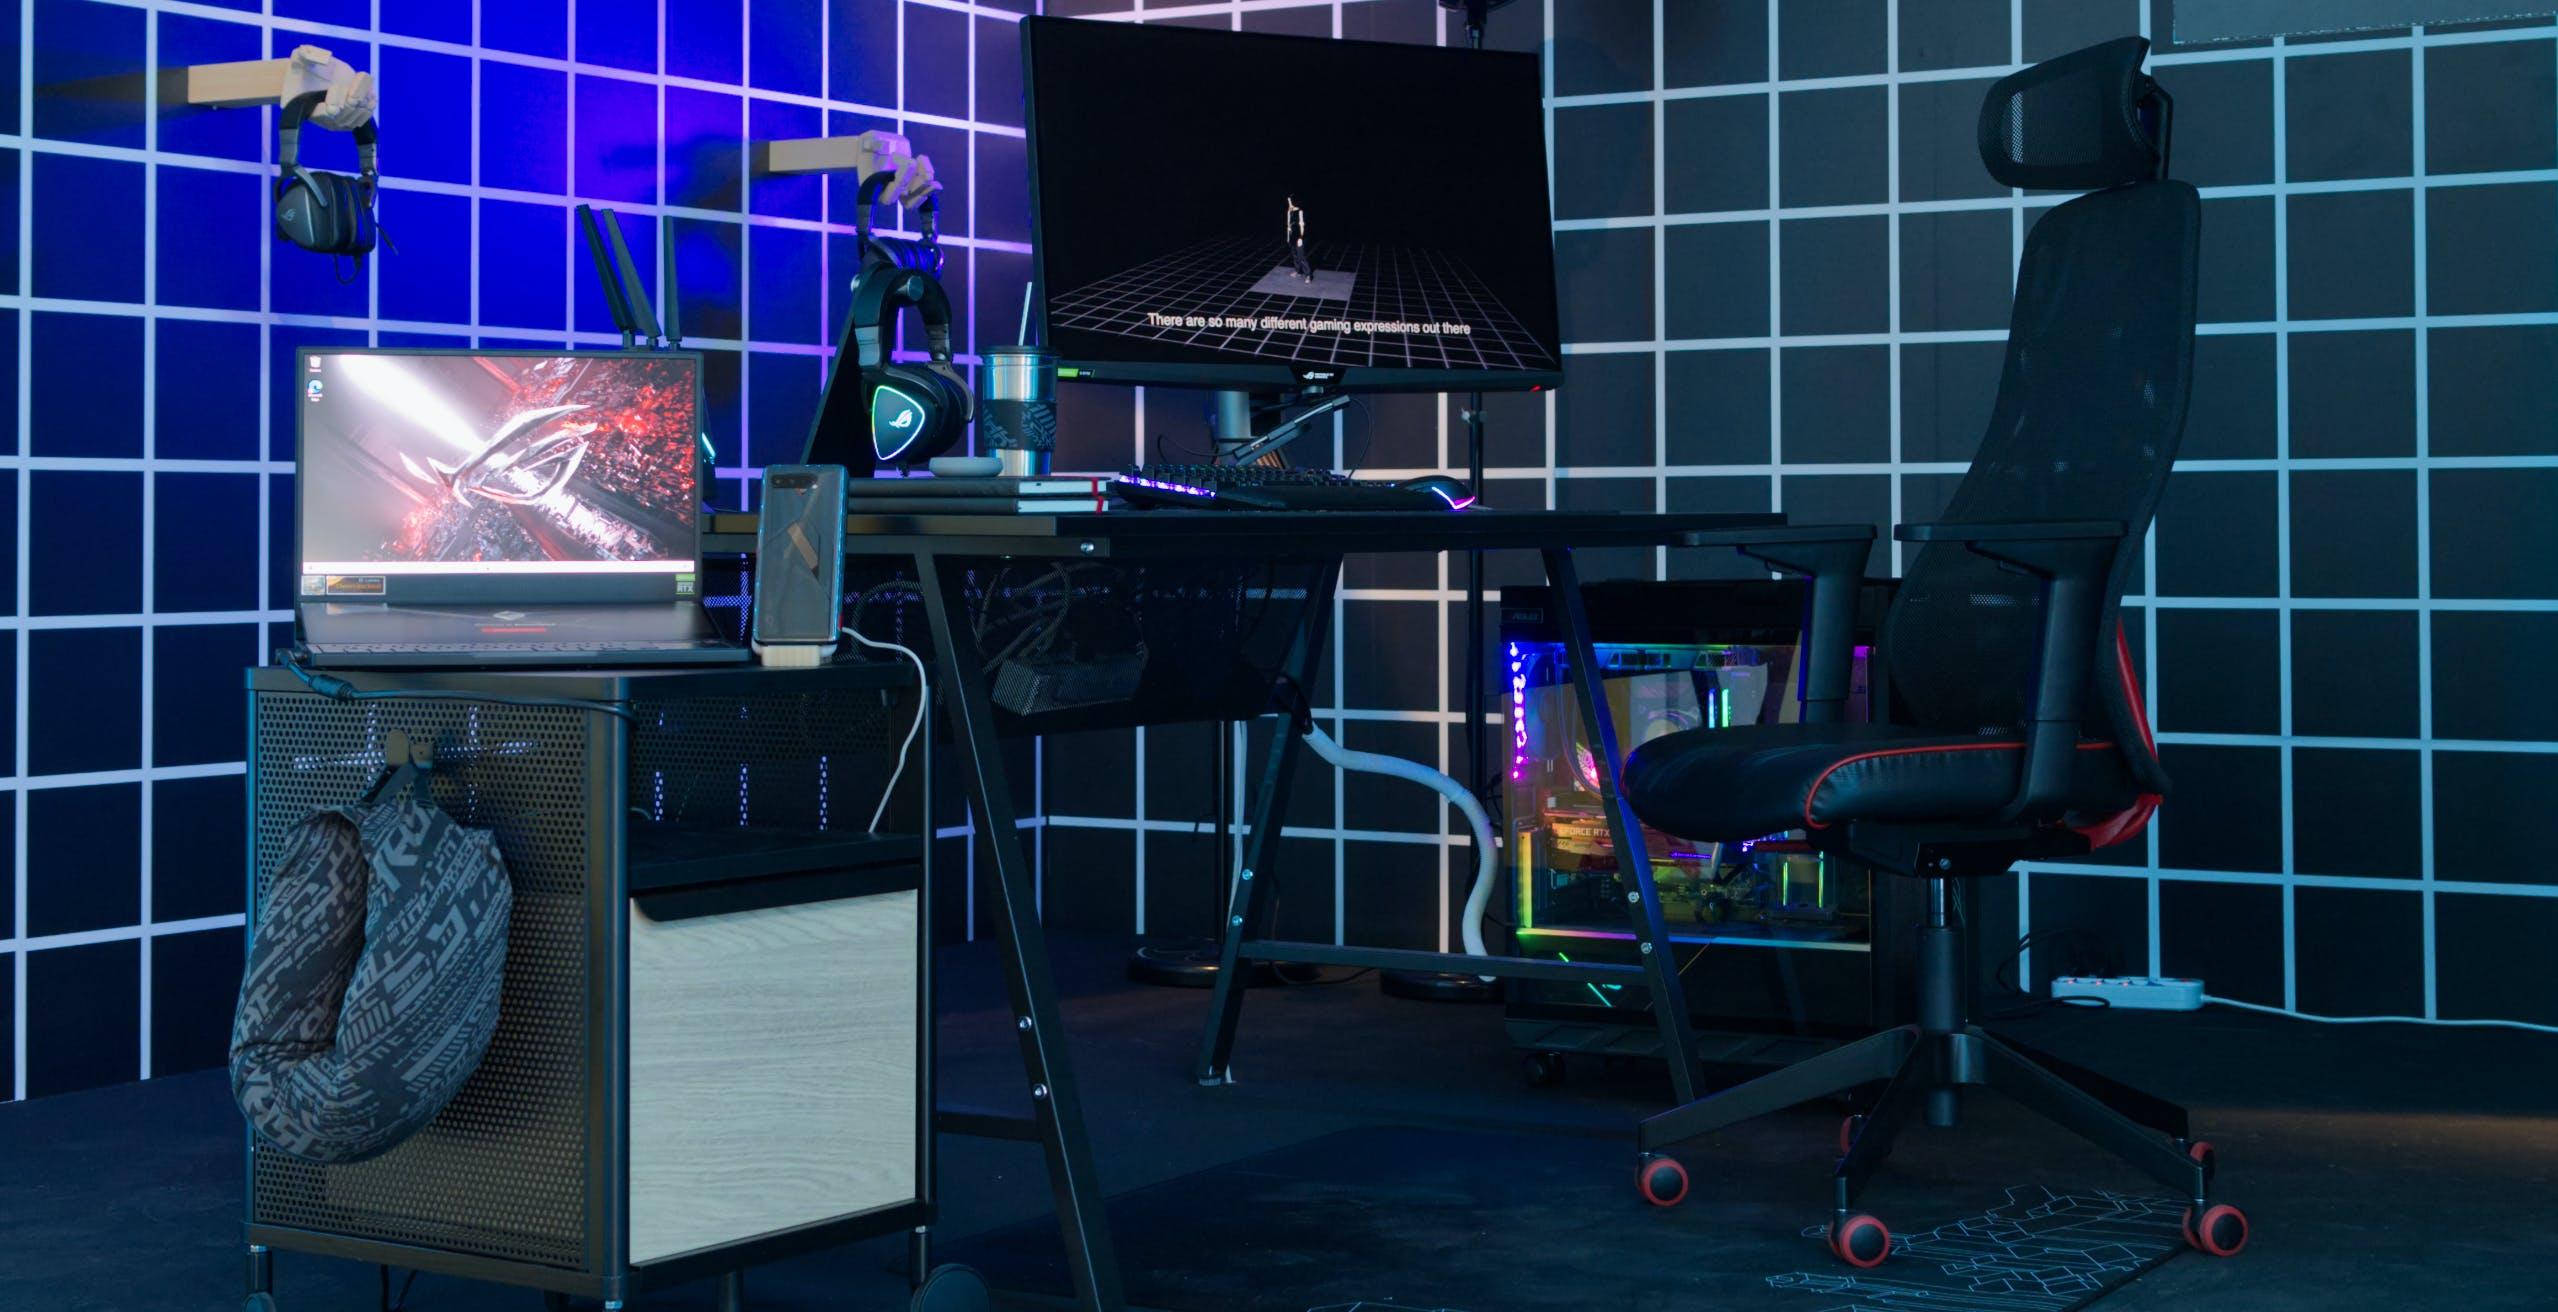 IKEA lancia in collaborazione con Asus la prima gamma di mobili pensata per il gaming